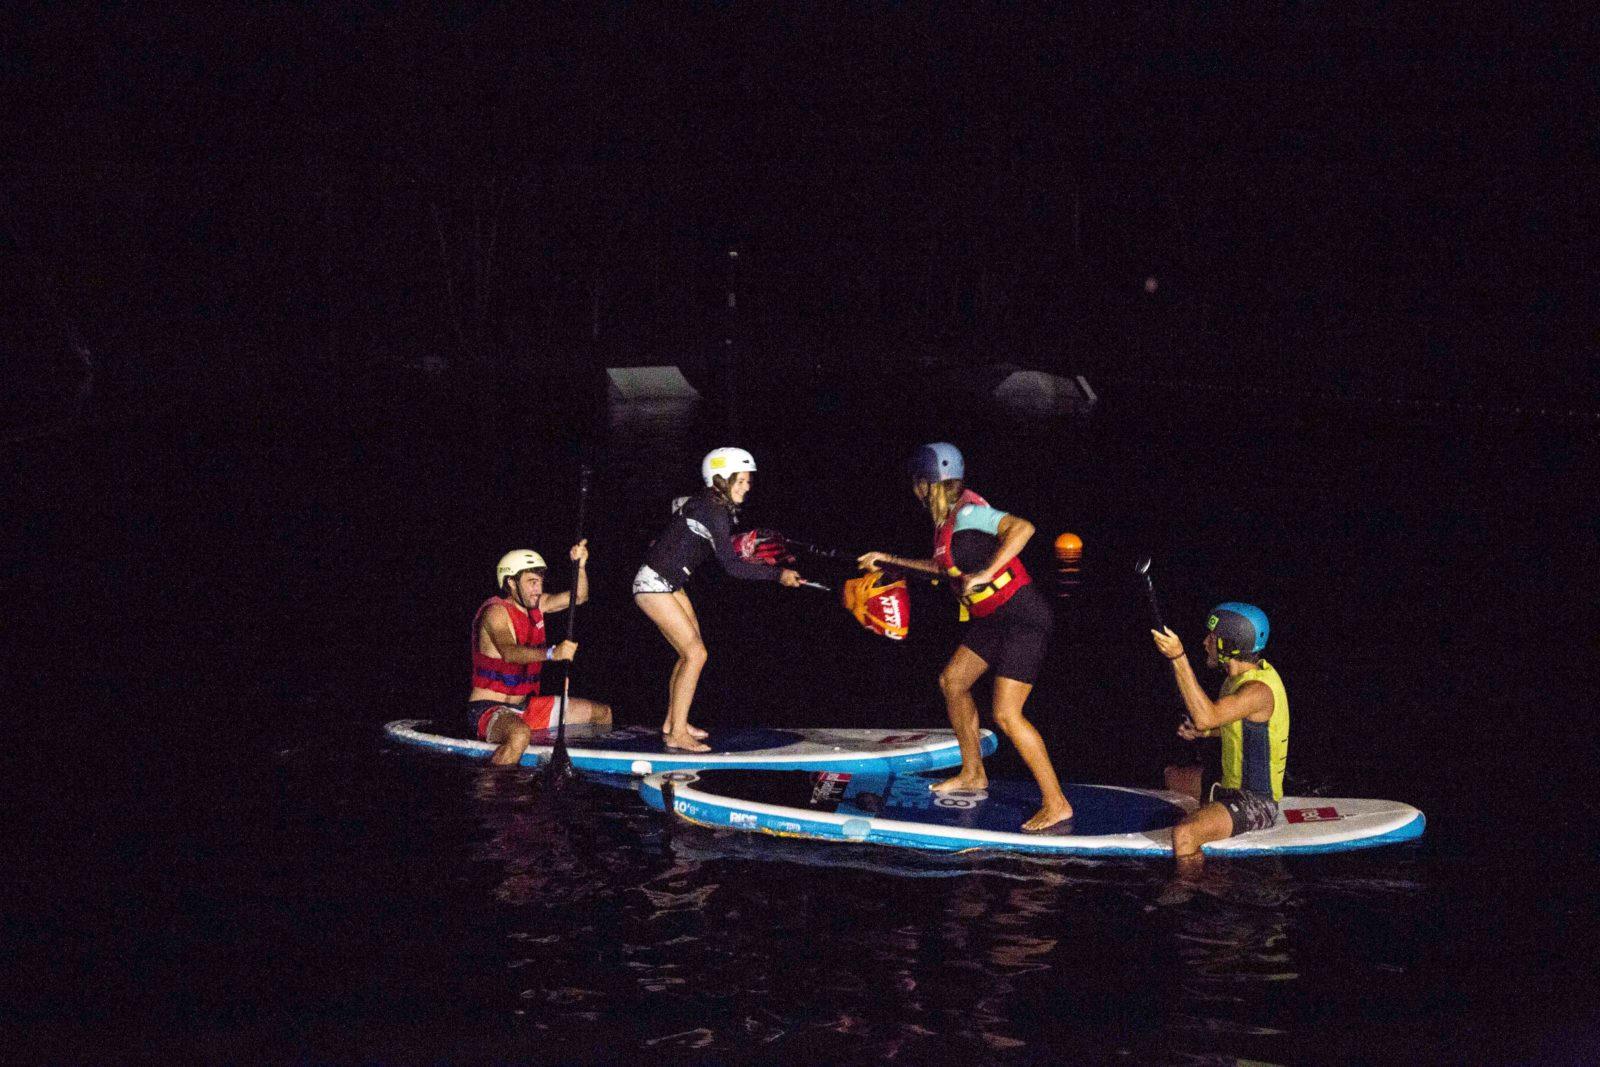 joute-paddle